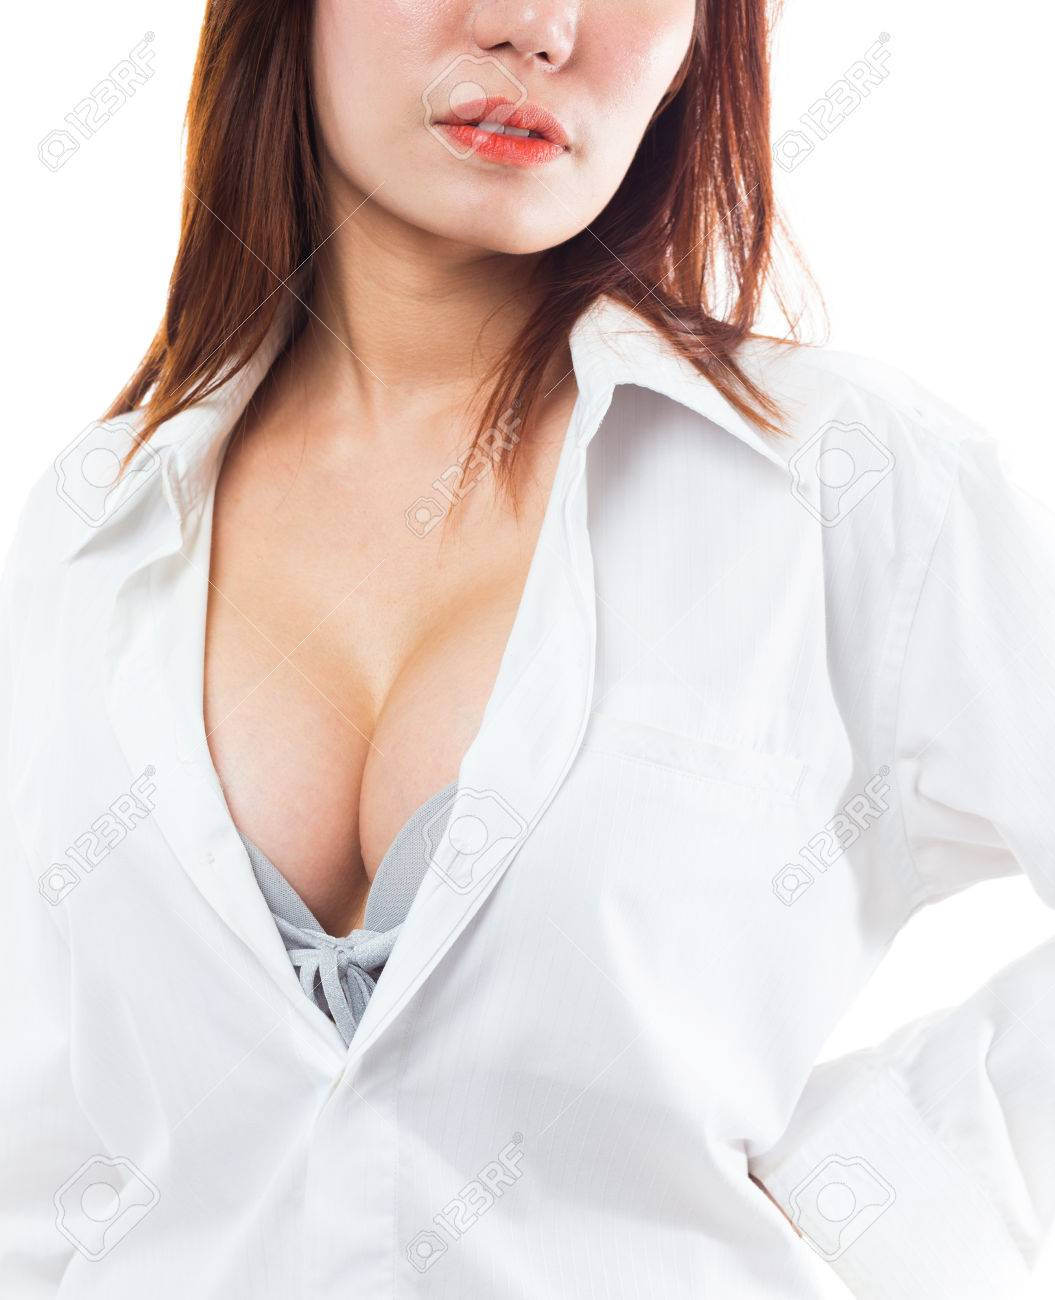 Tentacle hentai toon vids